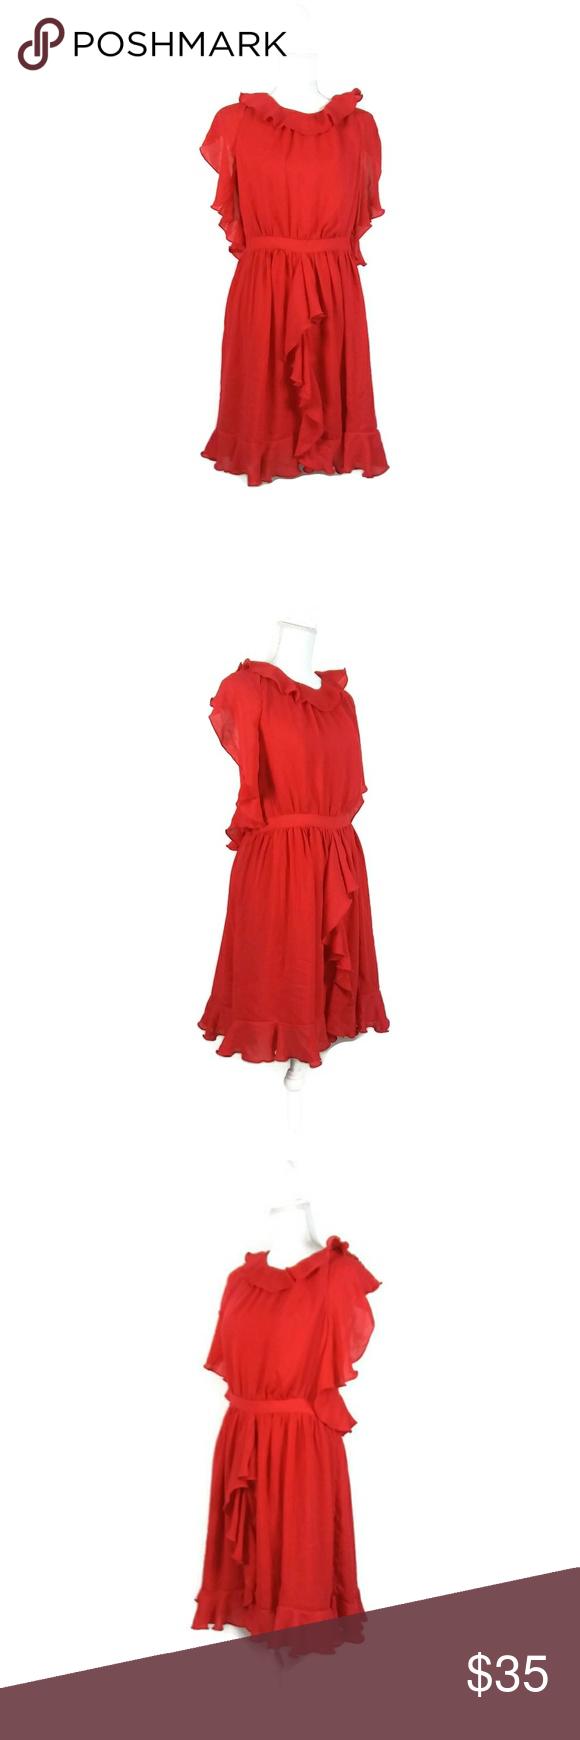 Prabal Gurung For Target Ruffle Red Cocktail Dress Red Cocktail Dress Target Dresses Clothes Design [ 1740 x 580 Pixel ]